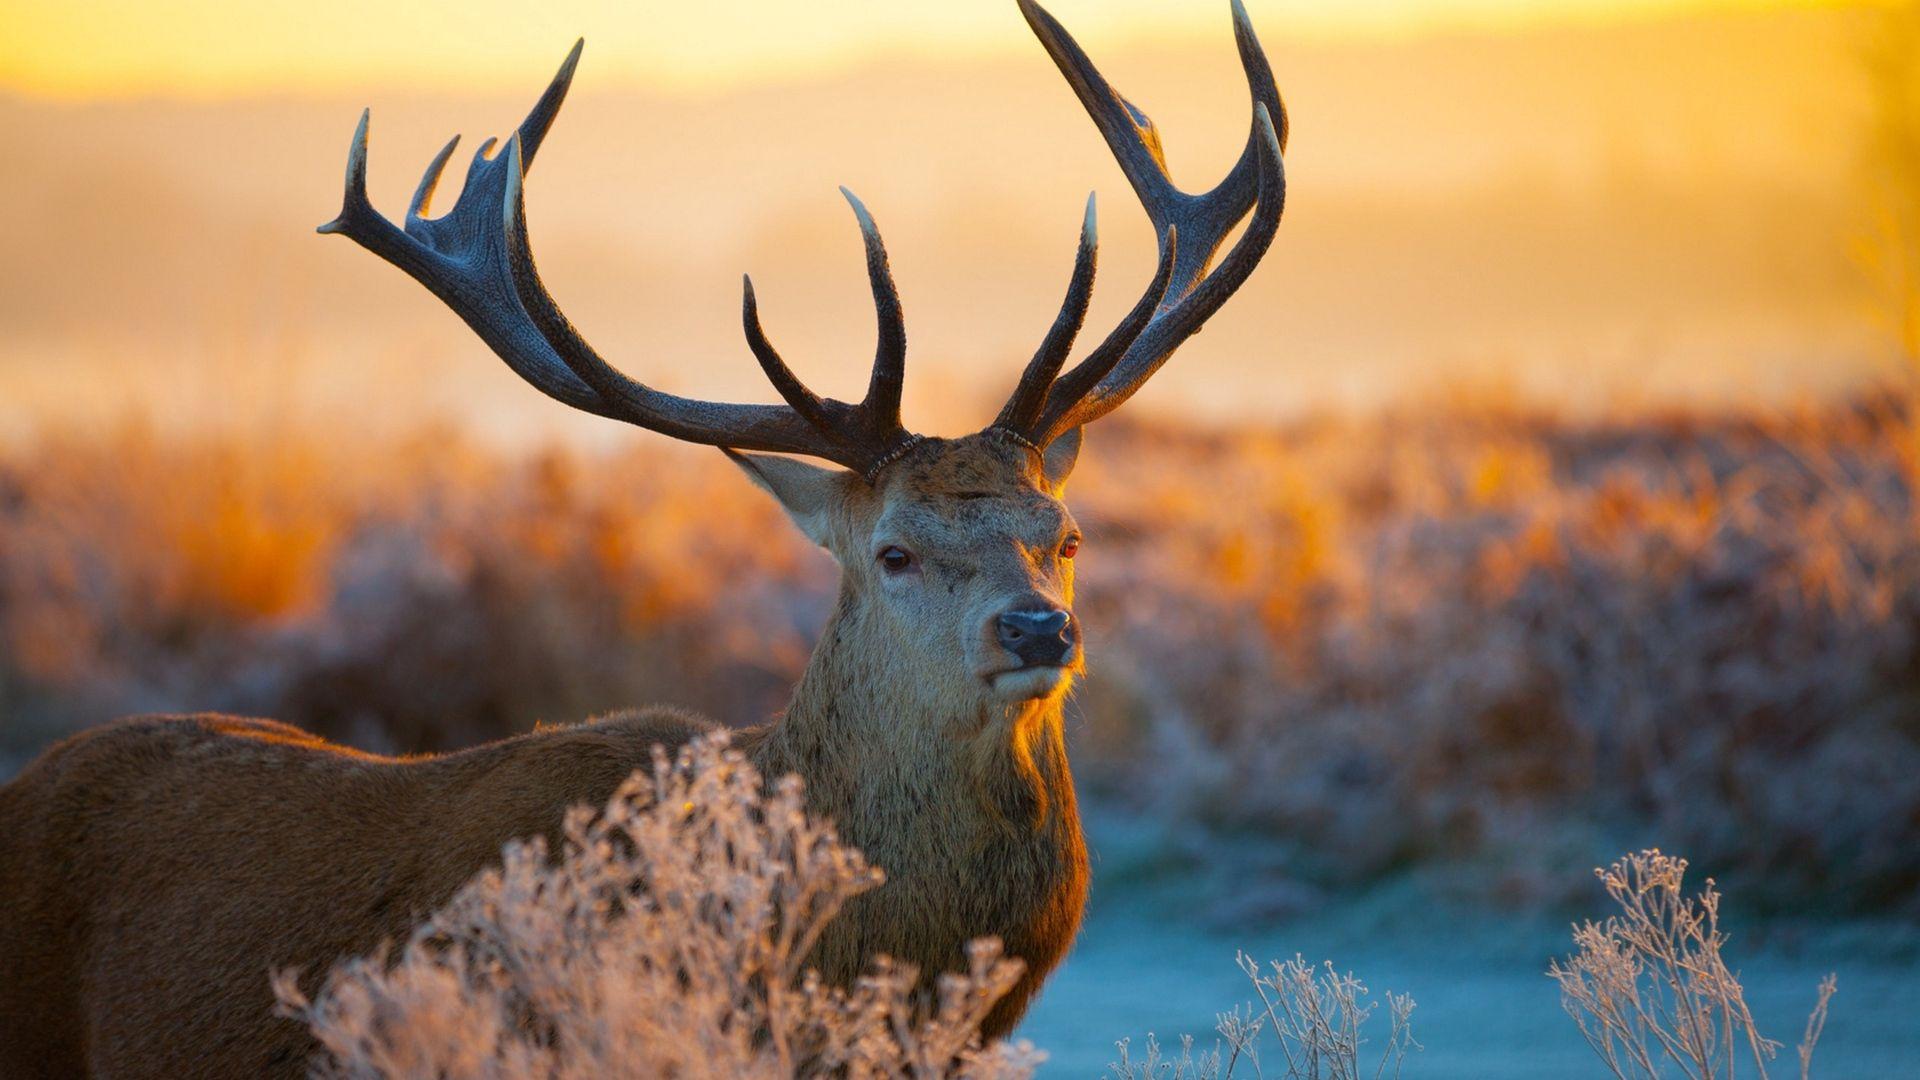 Deer new wallpaper